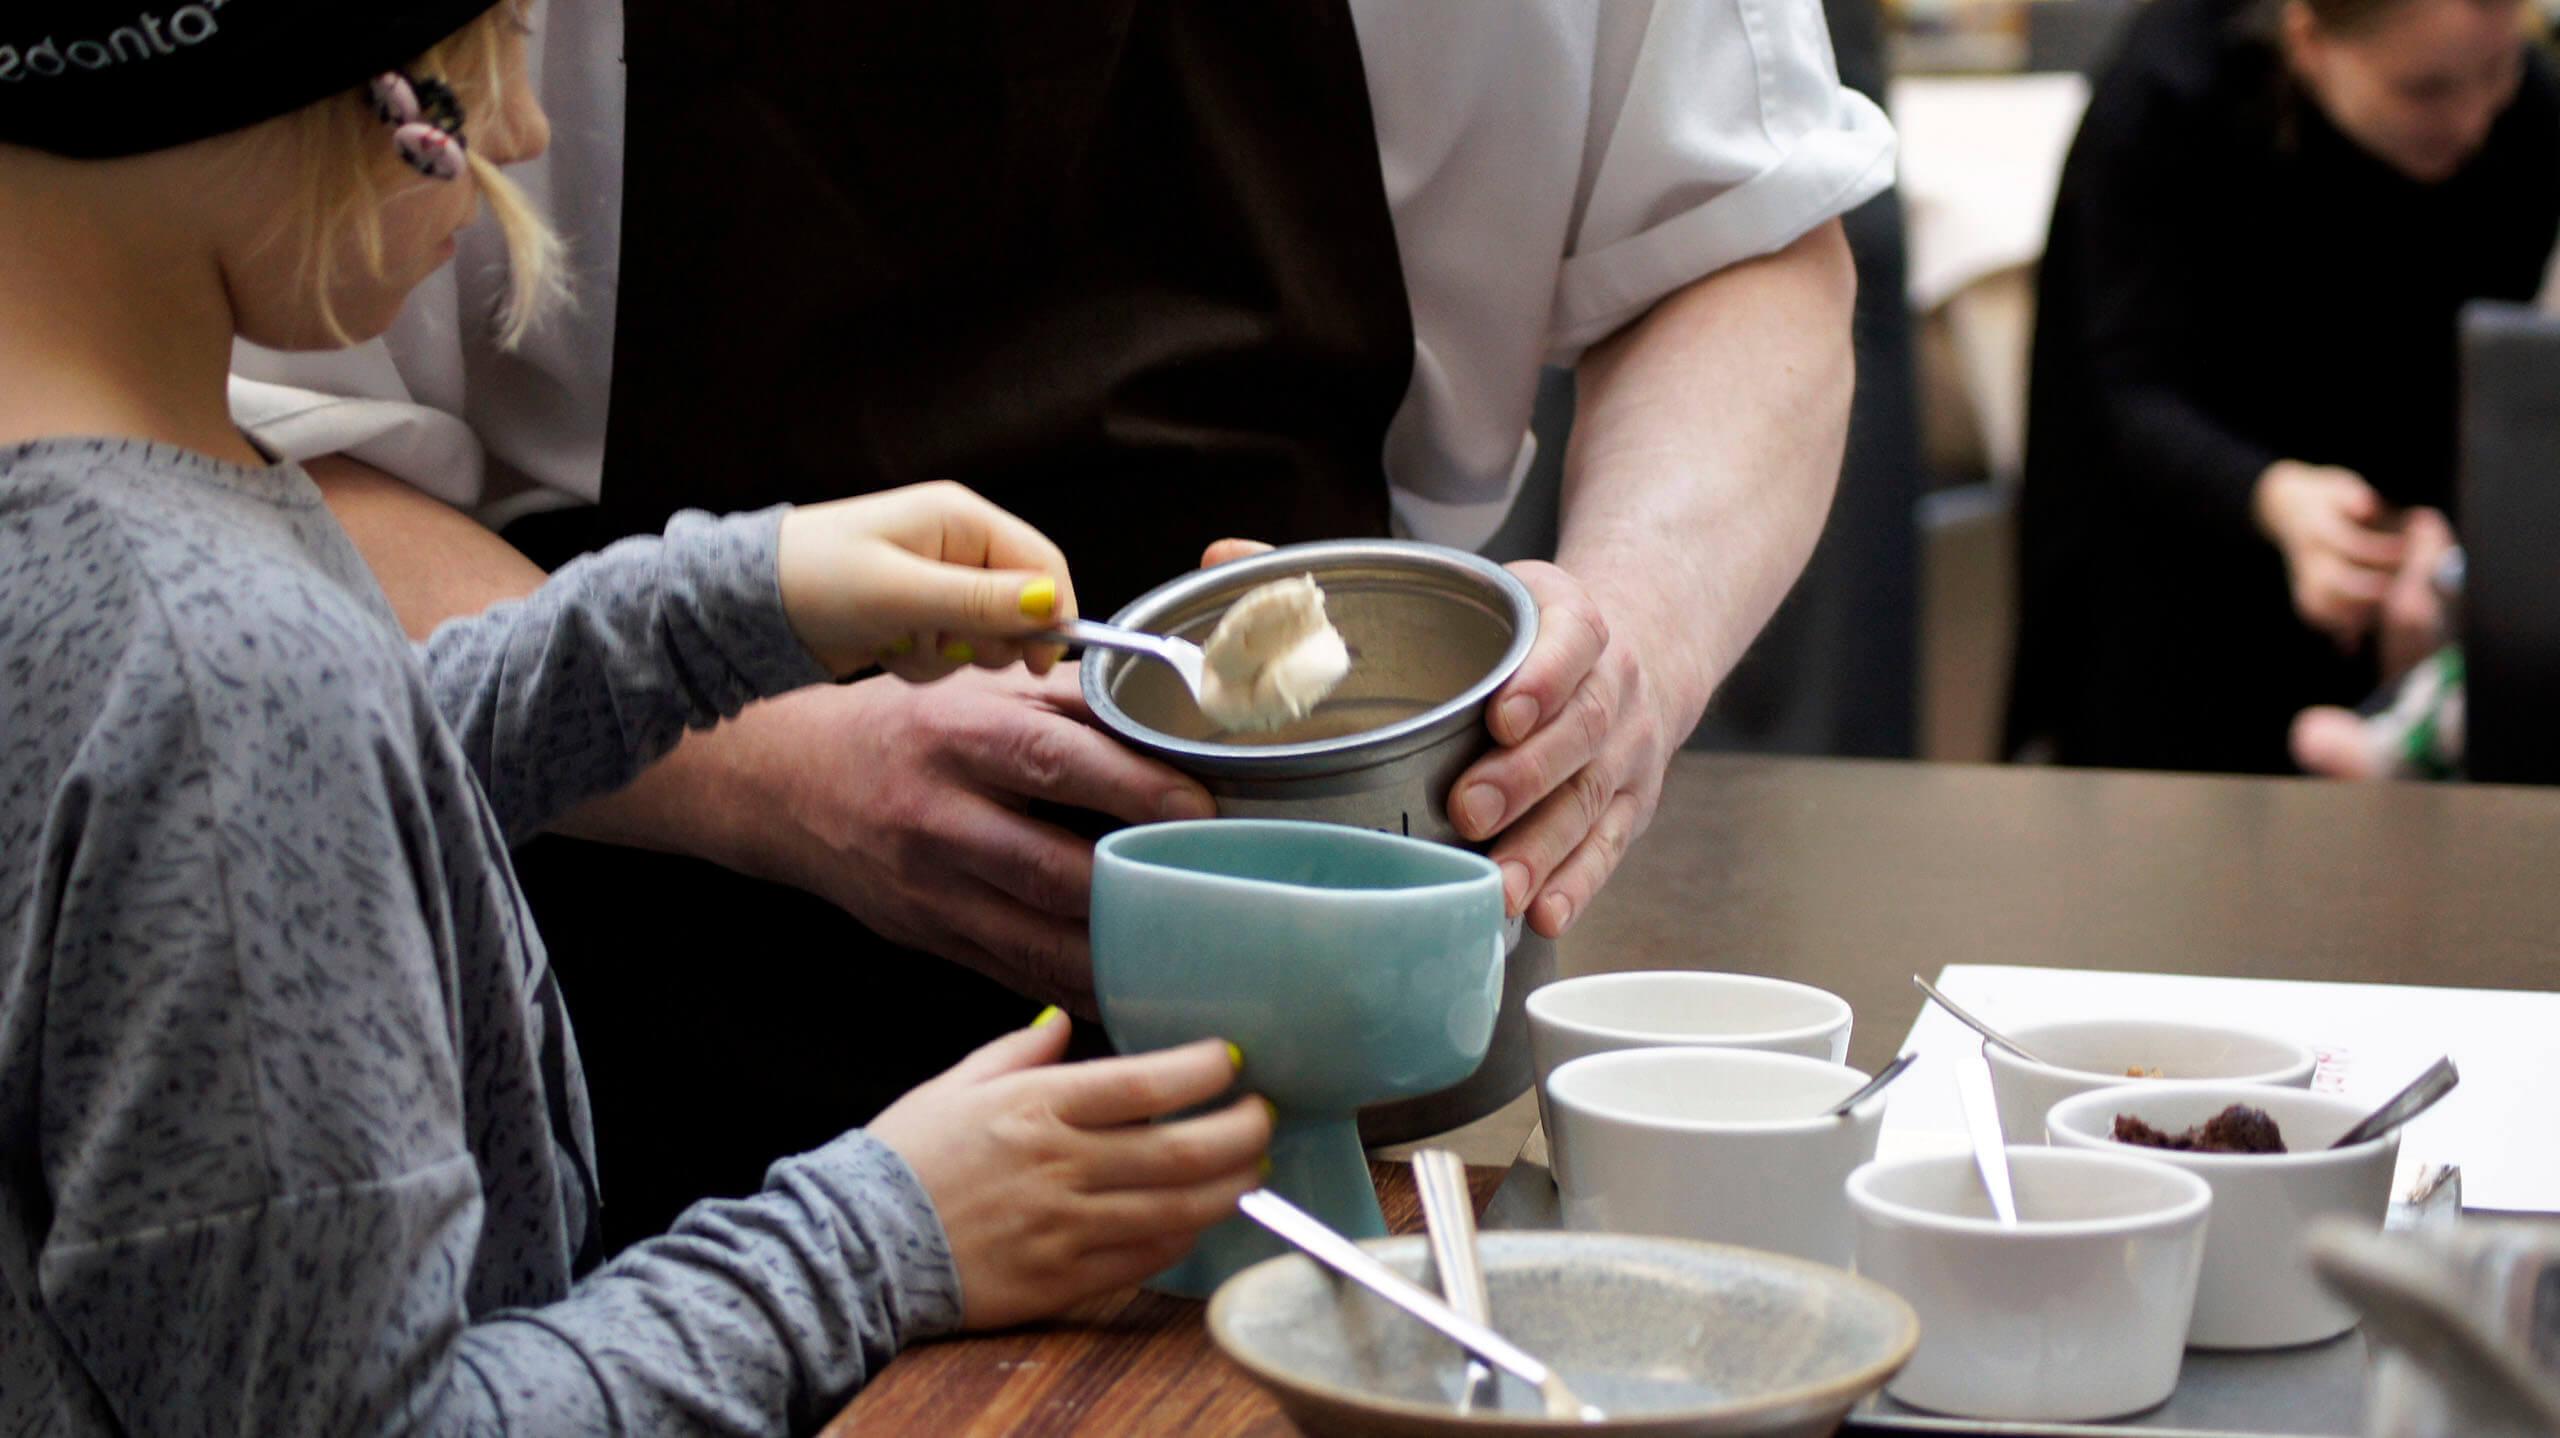 Die Kinder lernen beim Chil-Dish-Projekt auch das (Gourmet-)Kochen (Bild © chil-dish.fi).